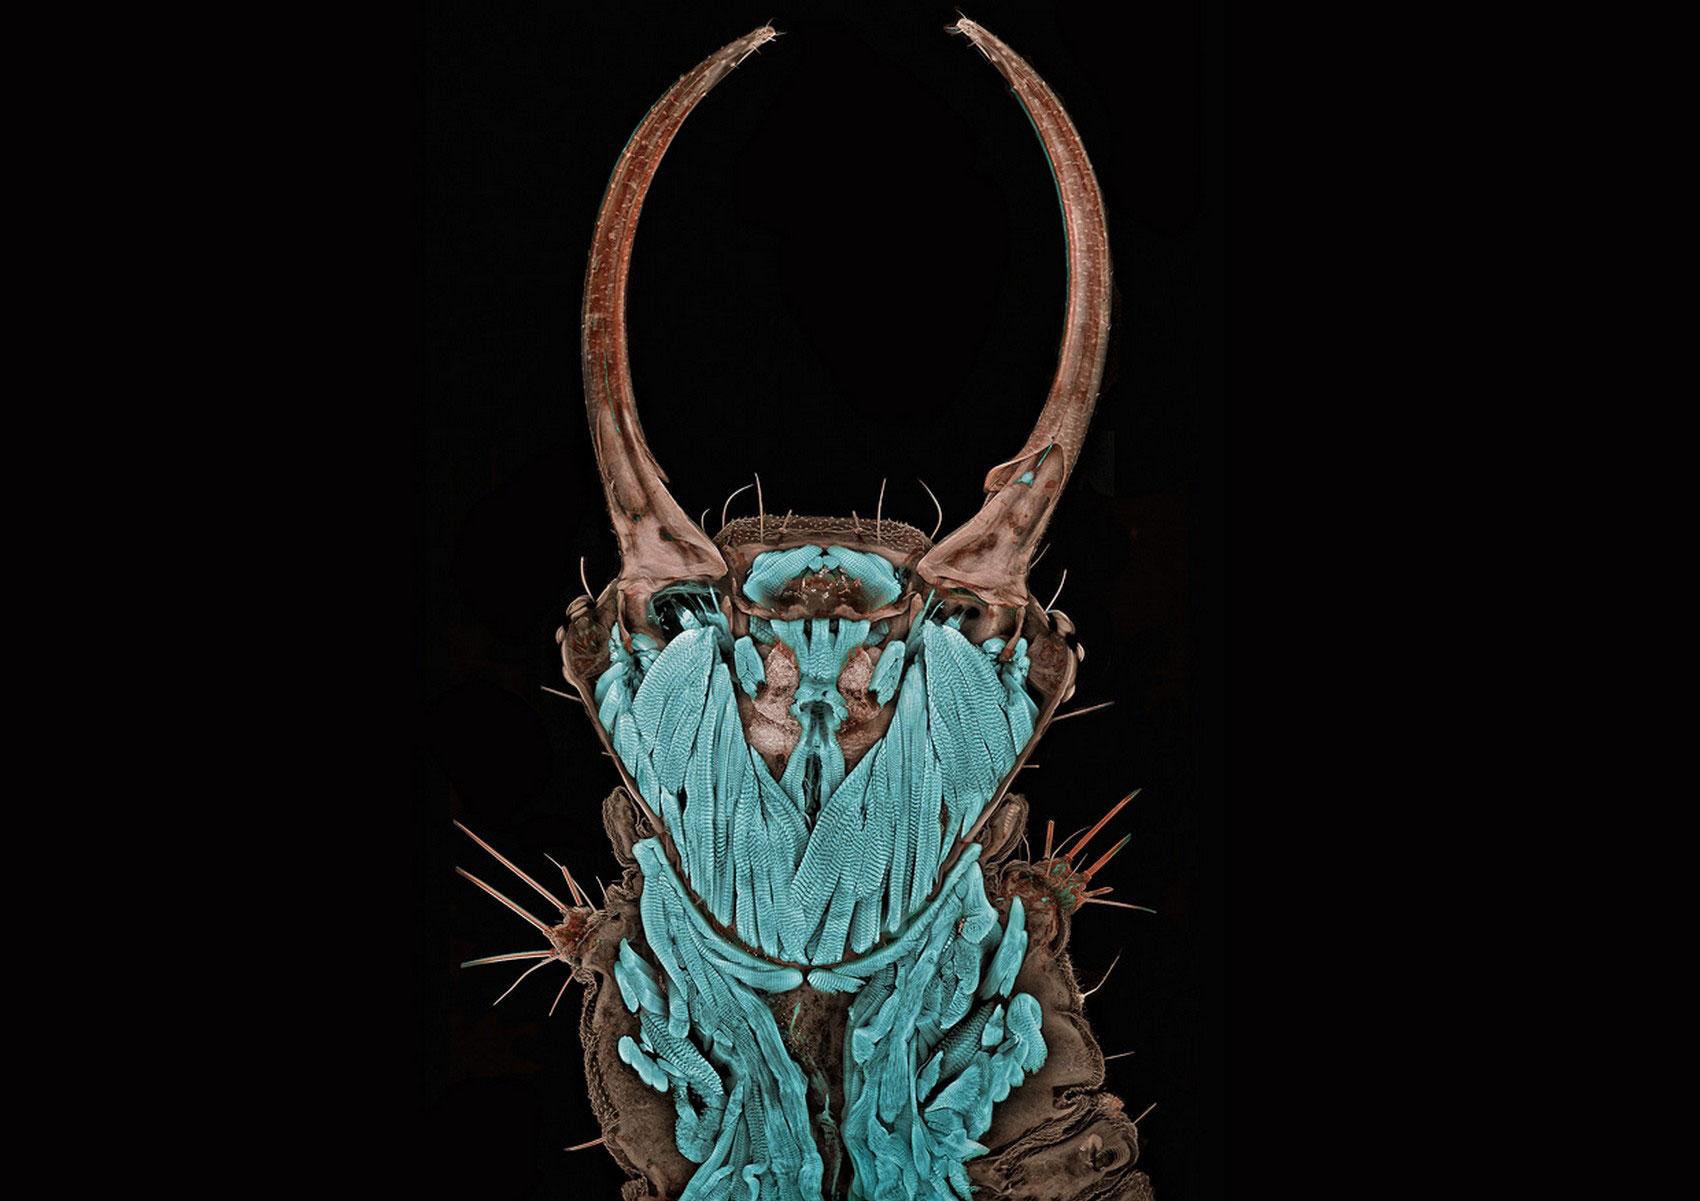 портрет личинки златоглазки, фото